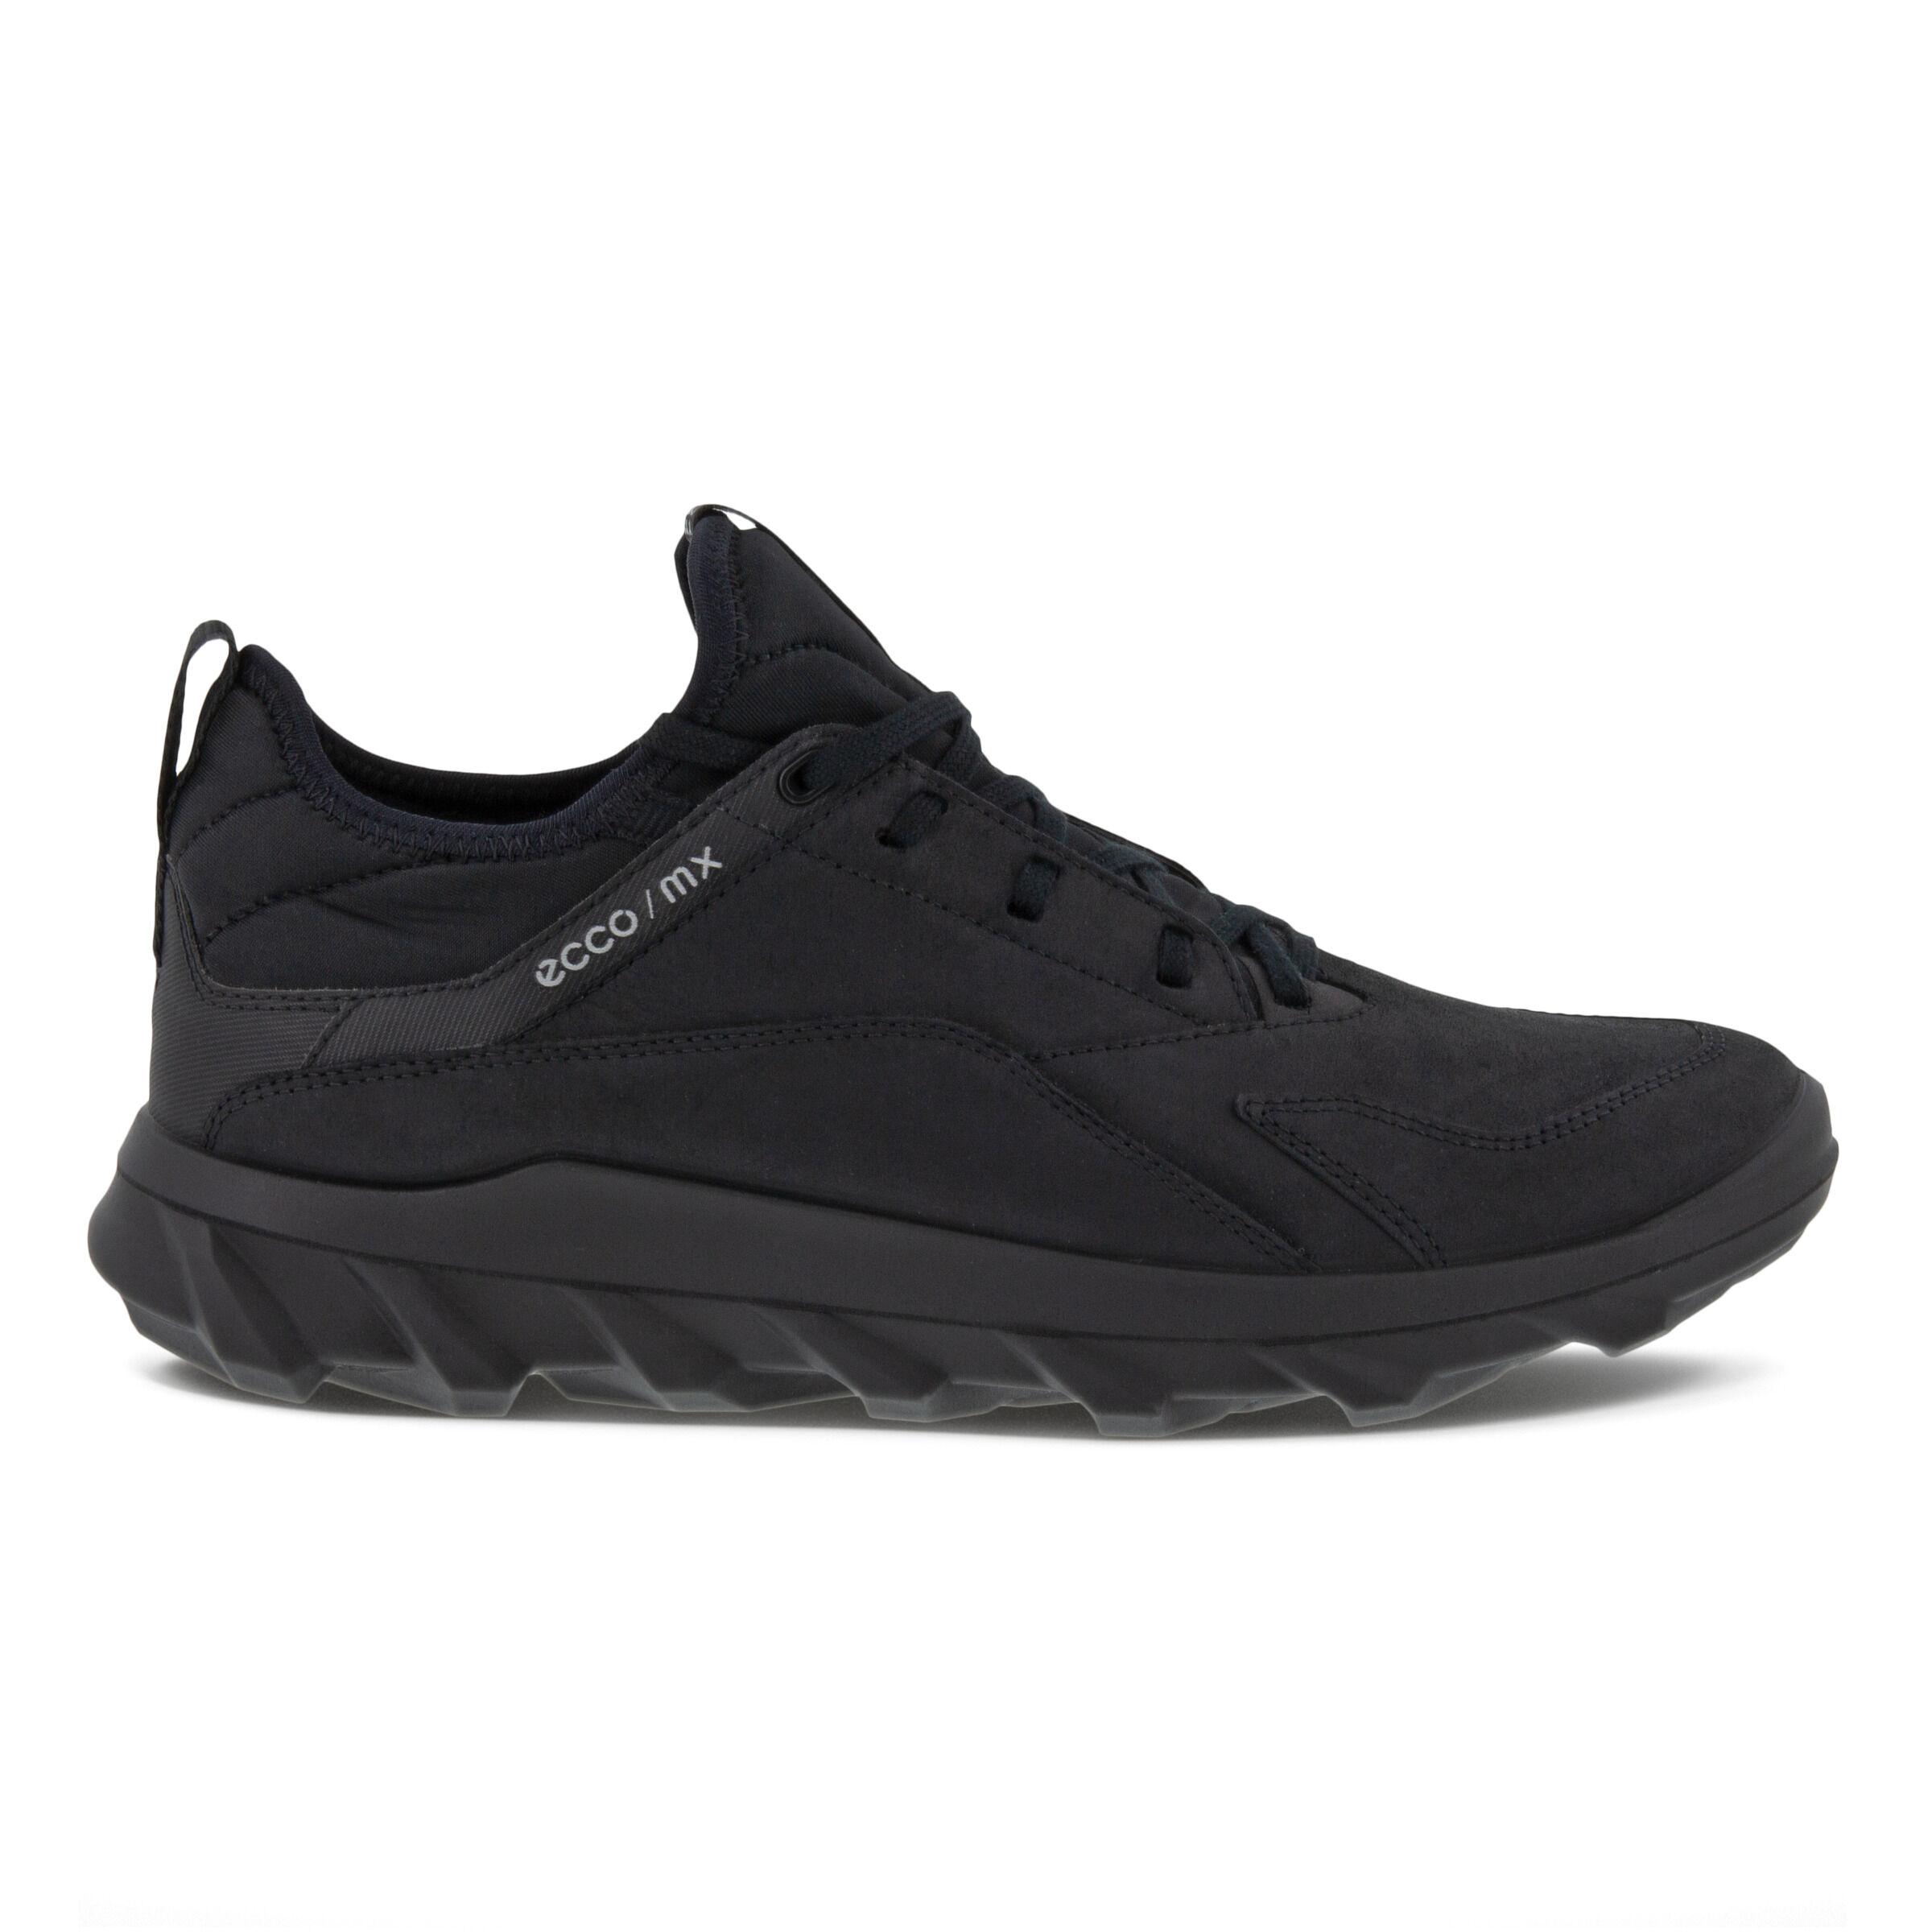 에코 ECCO MX Mens LOW Outdoor Shoes,BLACK